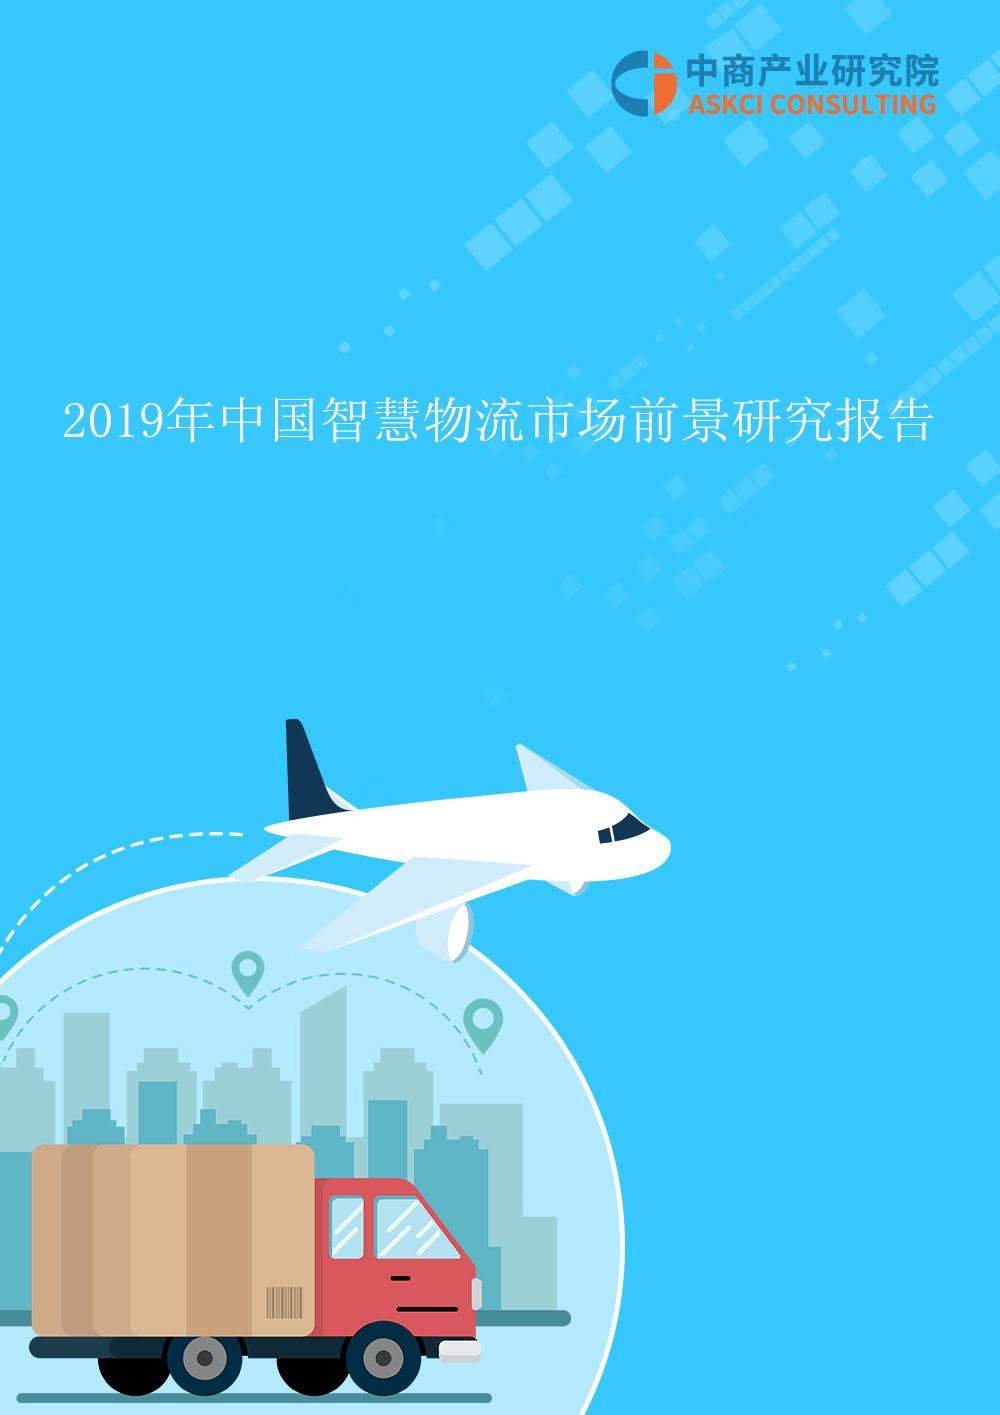 2019年中国智慧物流市场前景研究报告